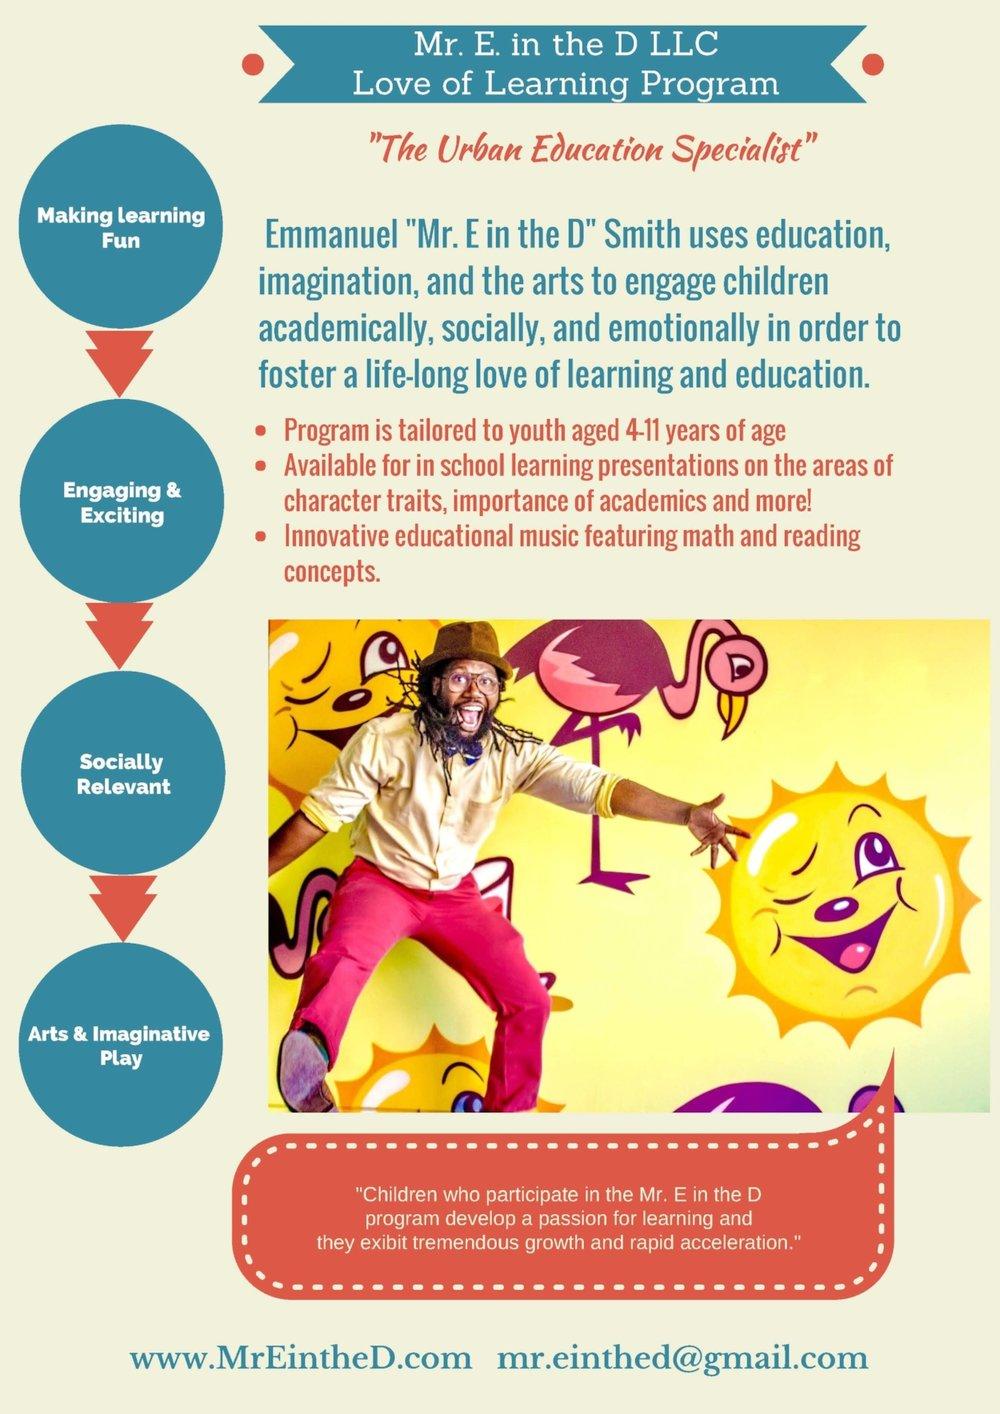 Love of Learning Program Final.jpg